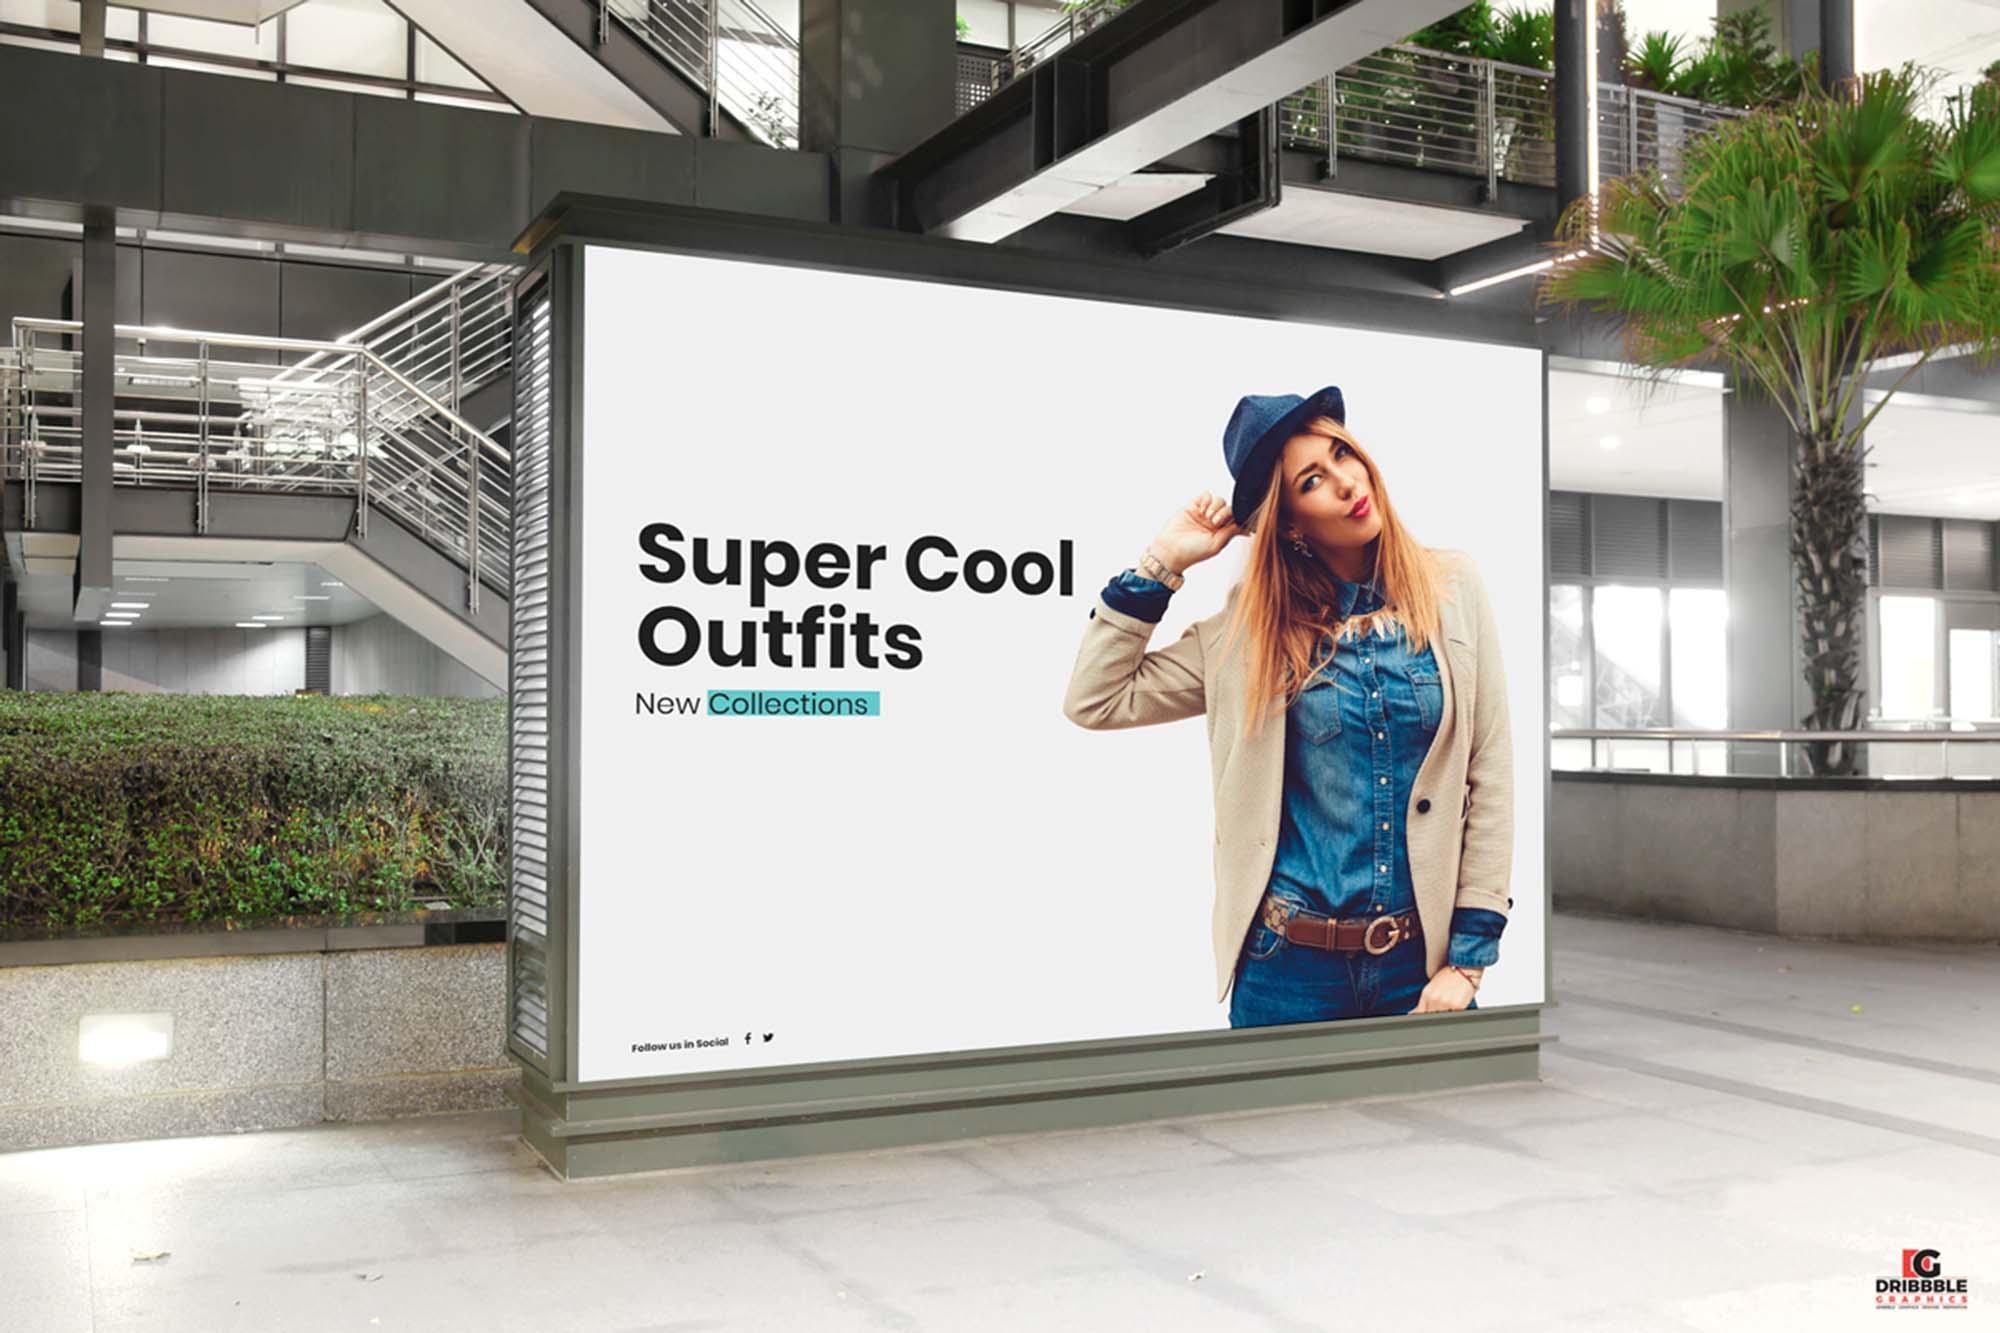 Indoor Billboard Digital Ad Mockup